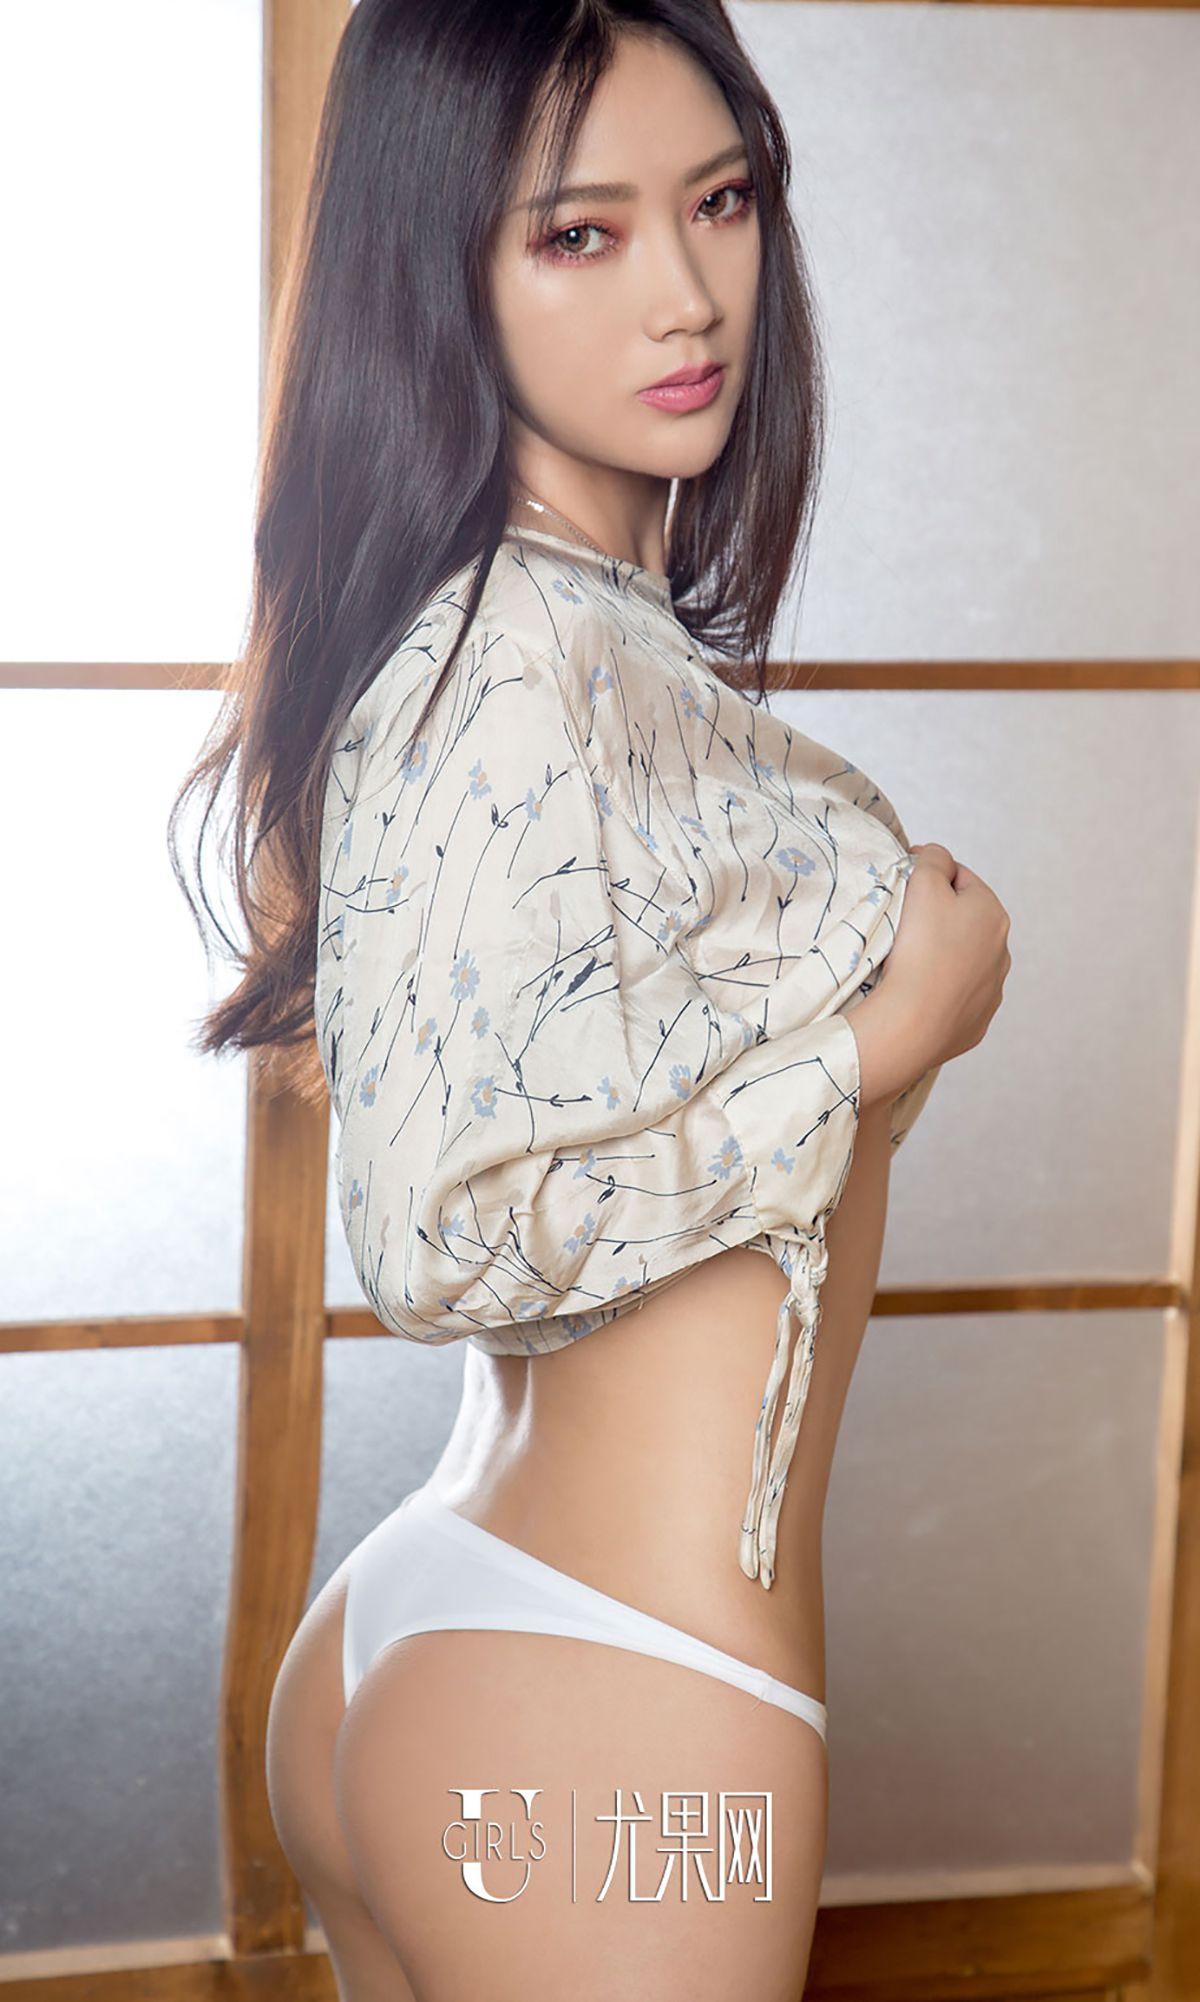 夏梦 - 情深媛浅 写真图片